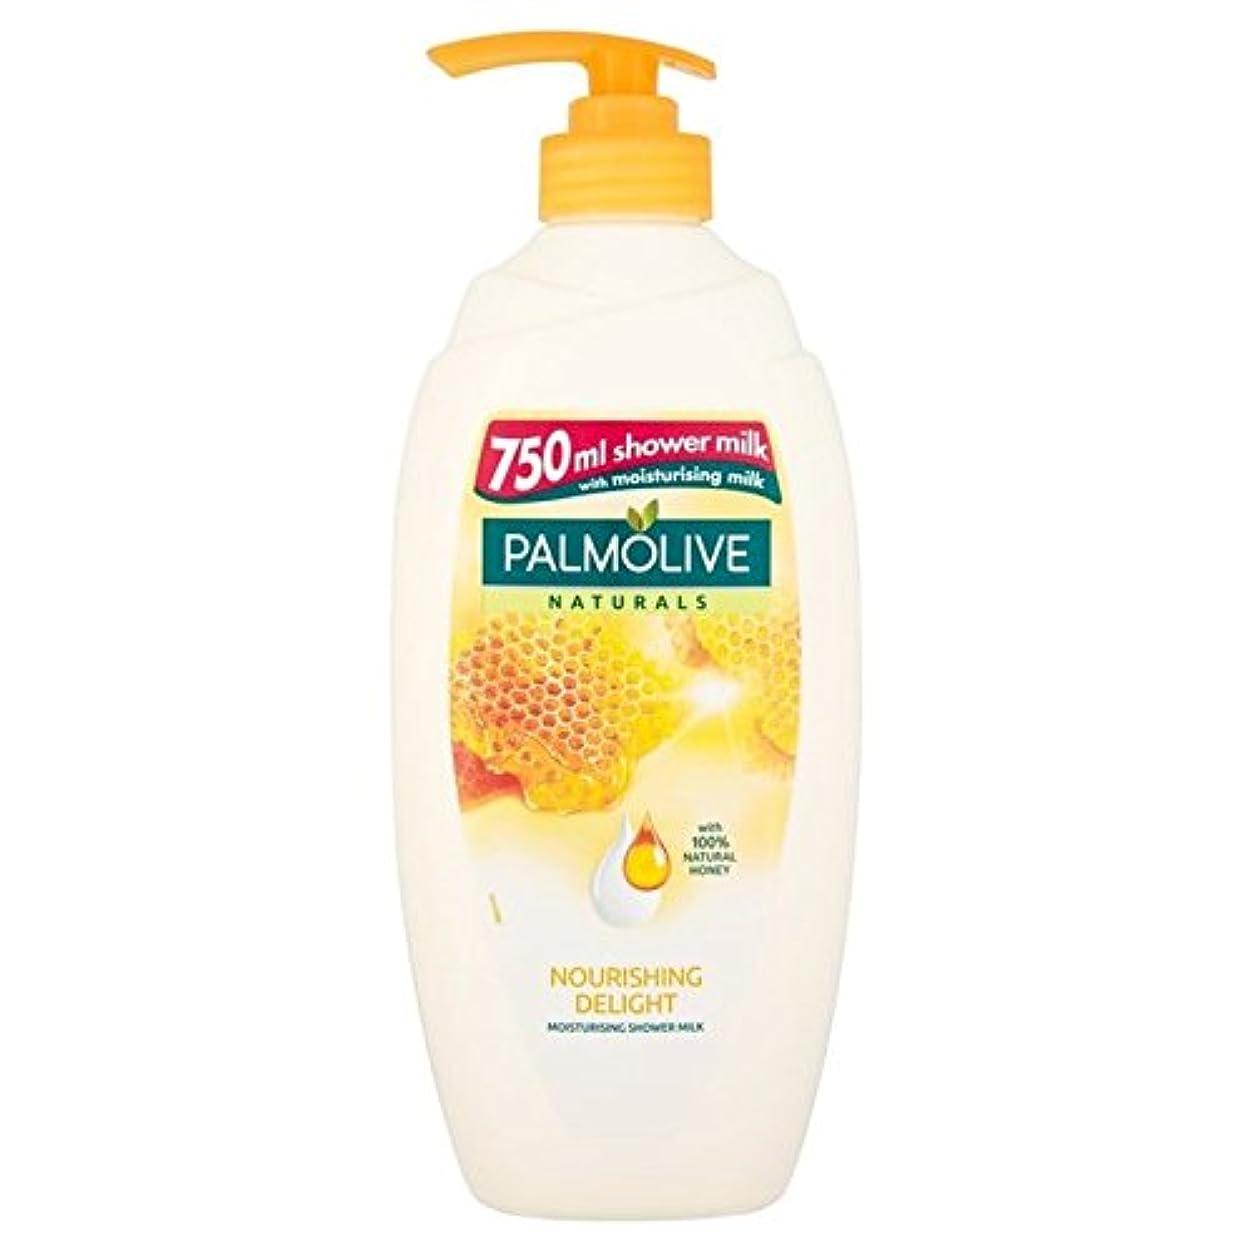 復活させる何でも運動するPalmolive Naturals Nourishing Shower Naturals Milk with Honey 750ml - 蜂蜜の750ミリリットルとシャワーナチュラルミルク栄養パルモライブナチュラル [...